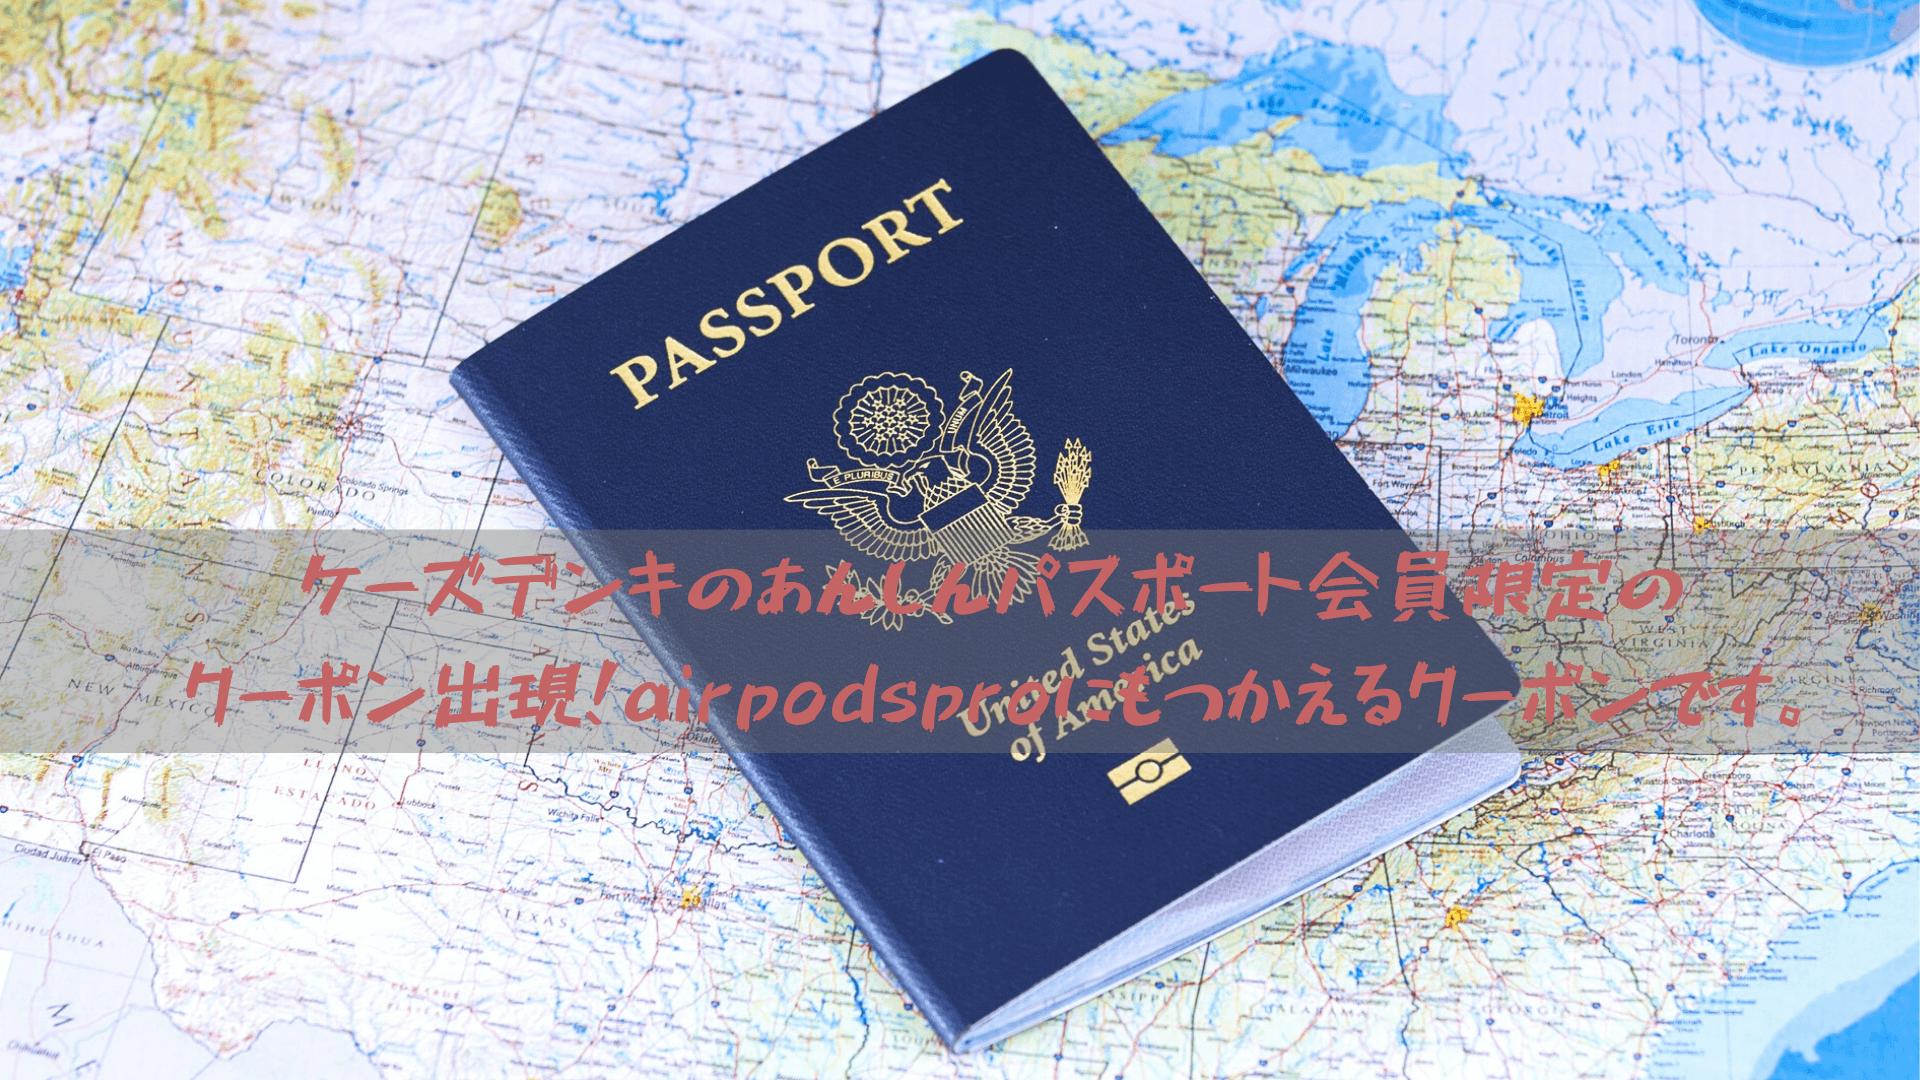 ケーズデンキのあんしんパスポート会員限定のクーポン出現!airpodsproにもつかえるクーポンです。